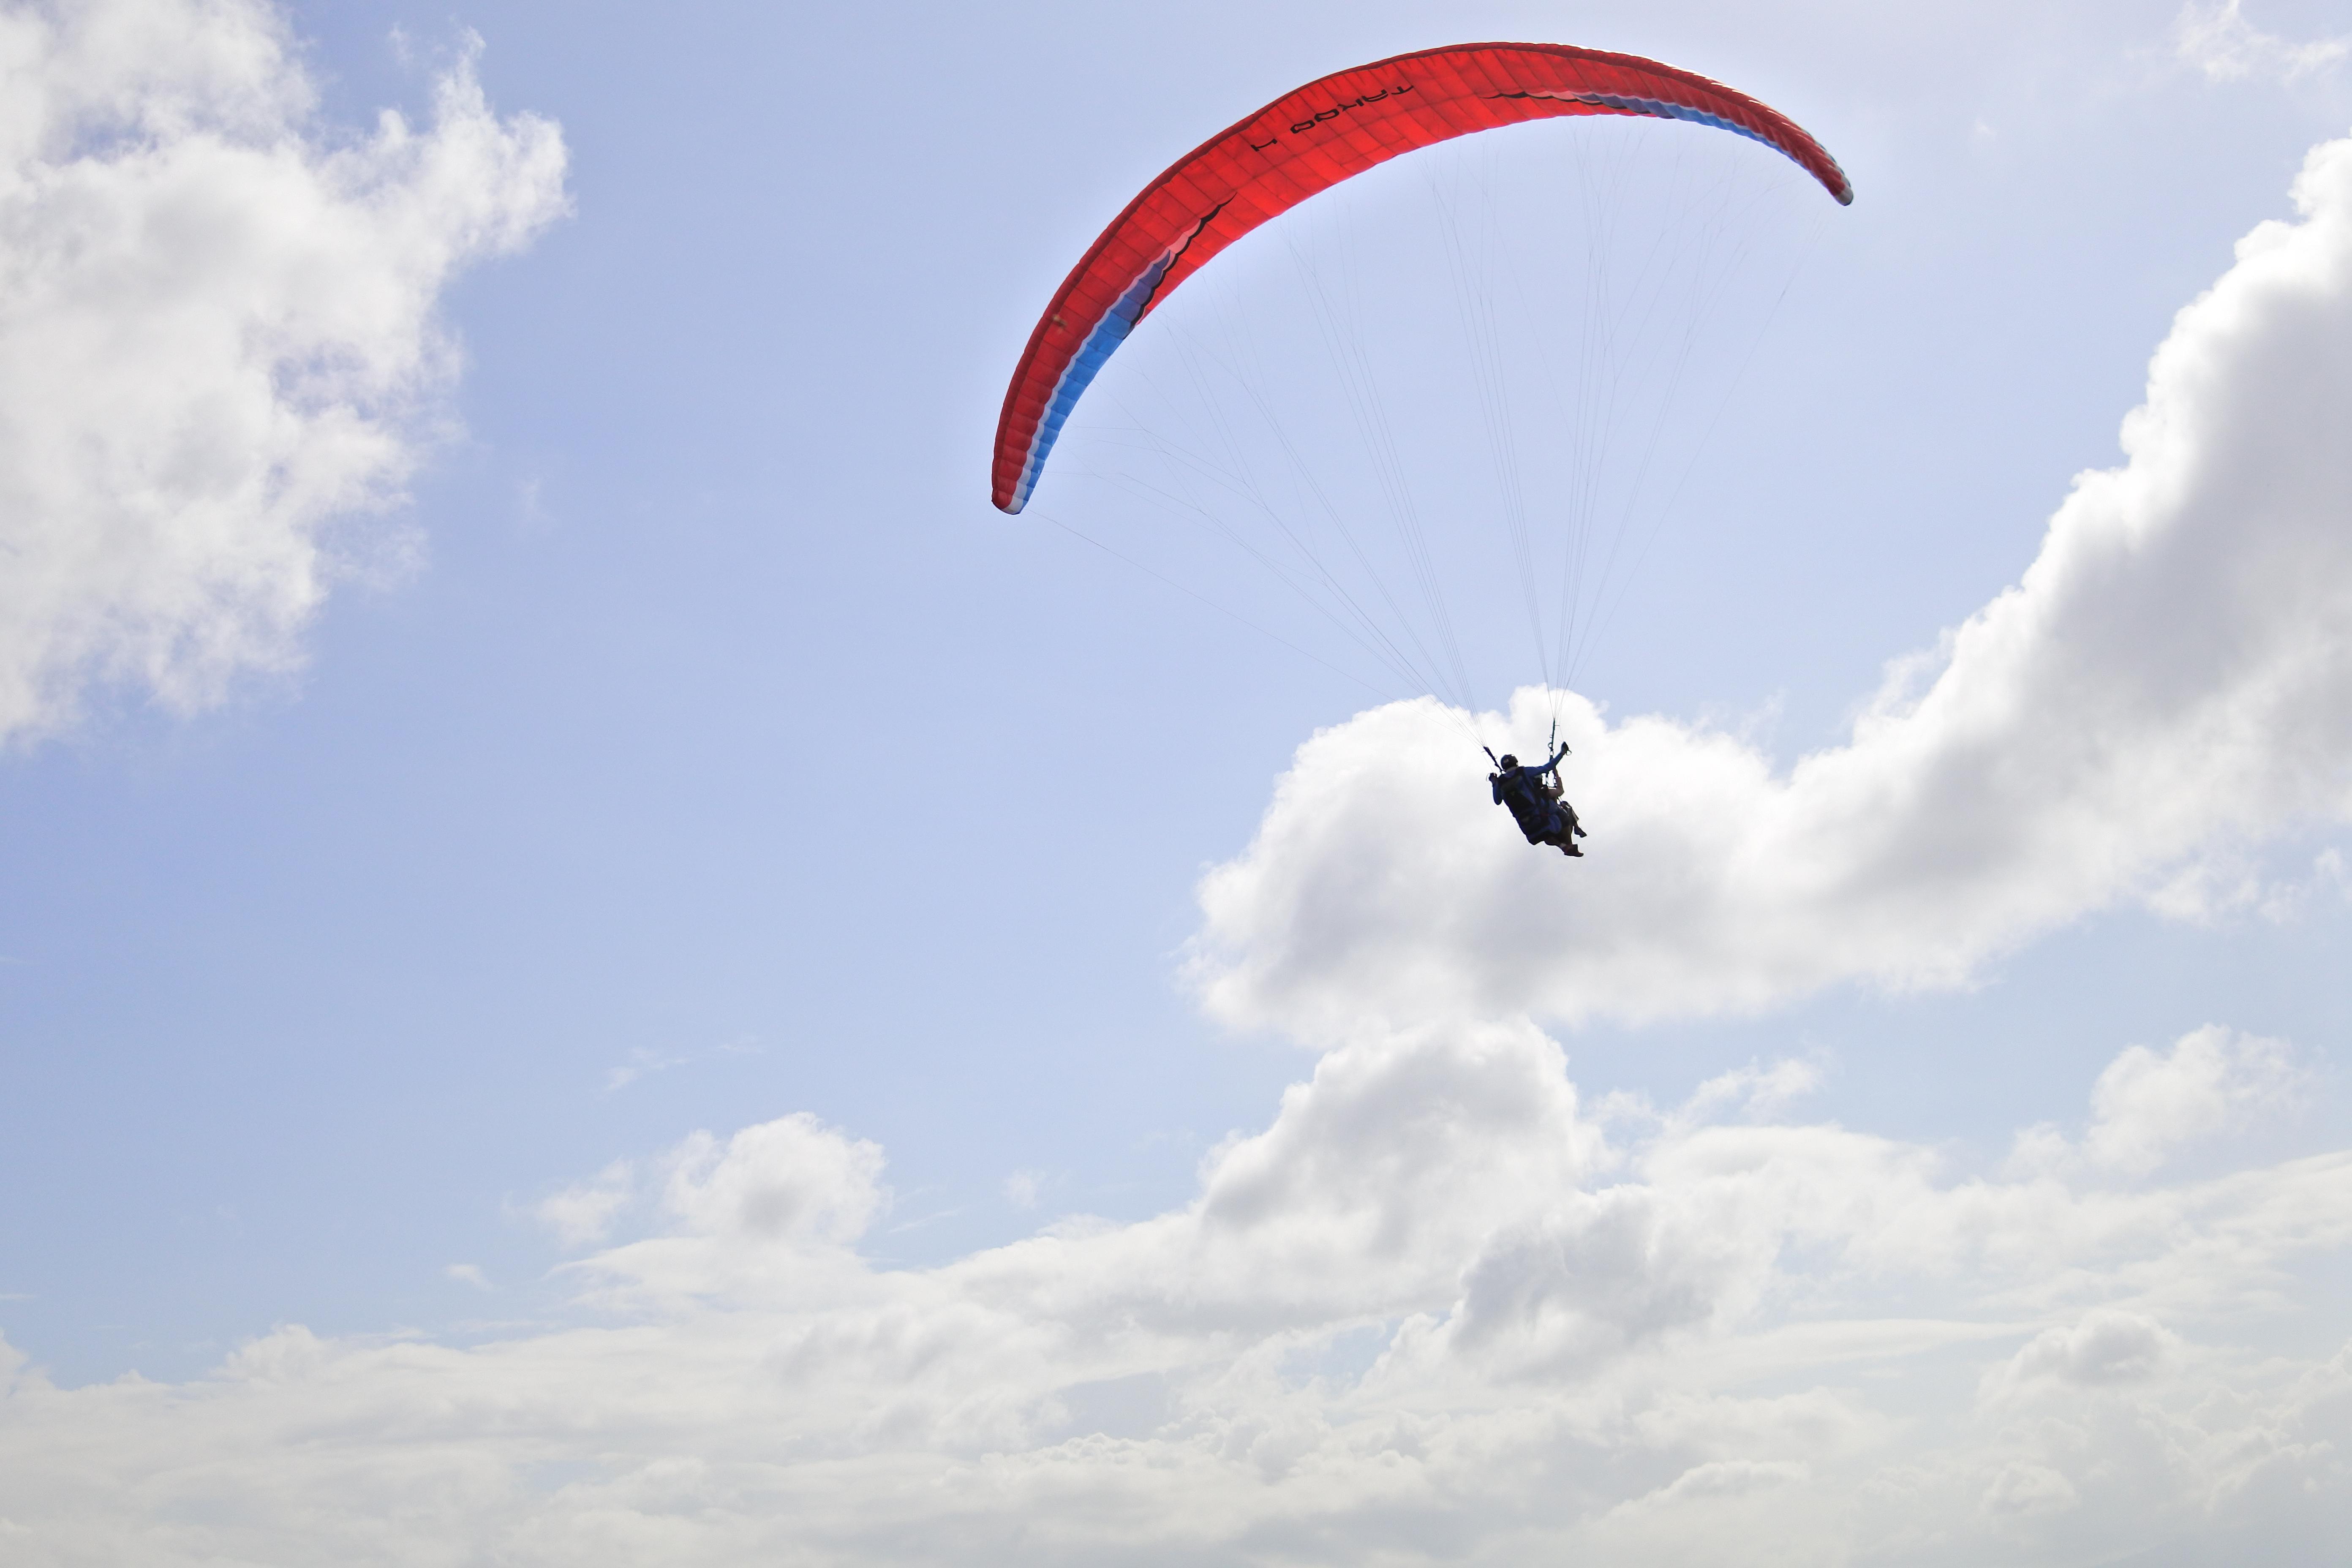 マニラ郊外の大空を舞う:パラグライディング飛行